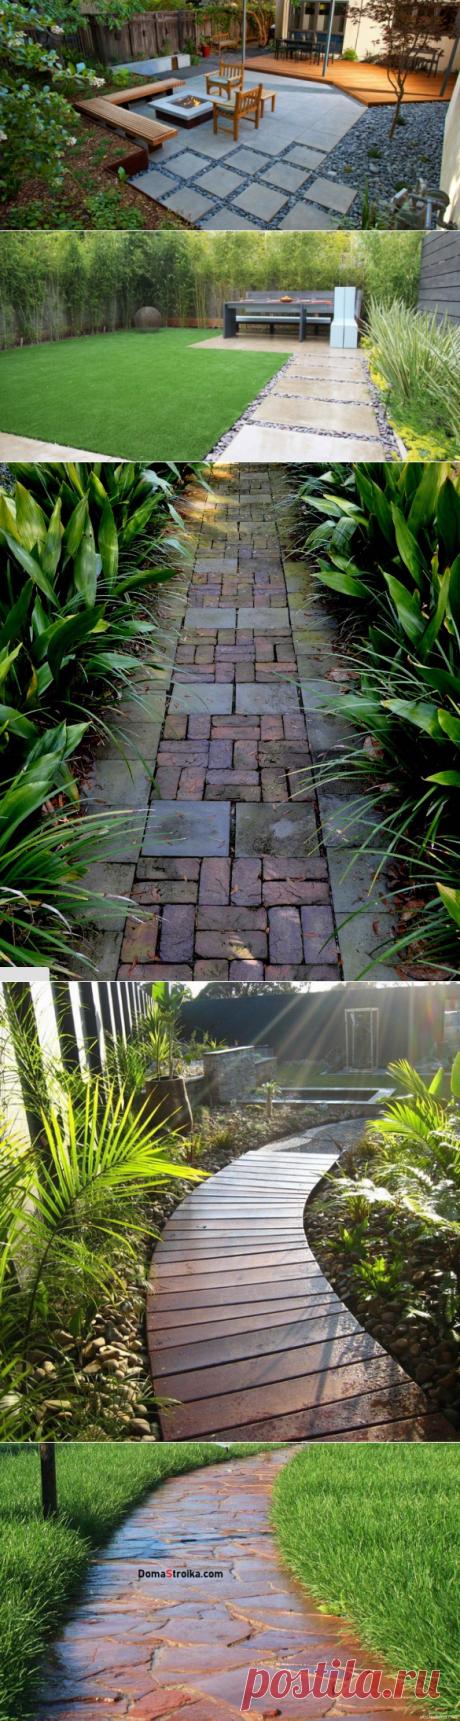 Садовые дорожки – практичность и красота ⋆ DomaStroika.com